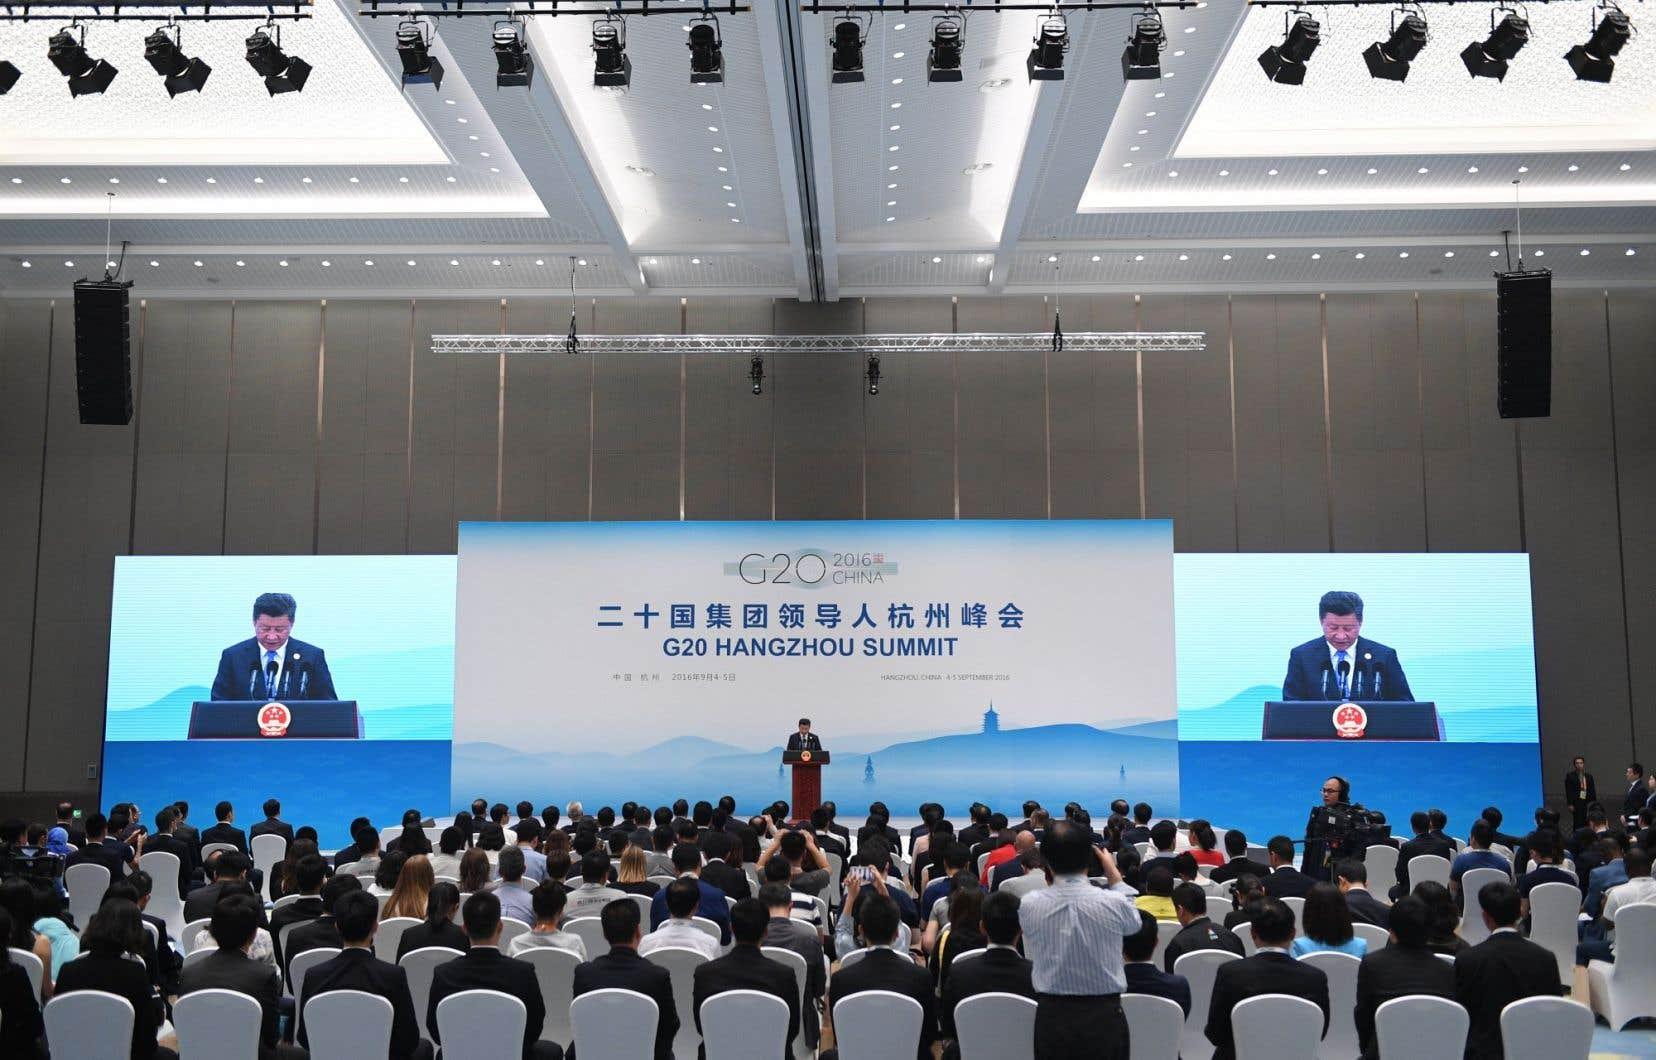 Le président de la Chine, Xi Jinping, a prononcé son discours de clôture du sommet du G20 de Hangzhou, lundi.